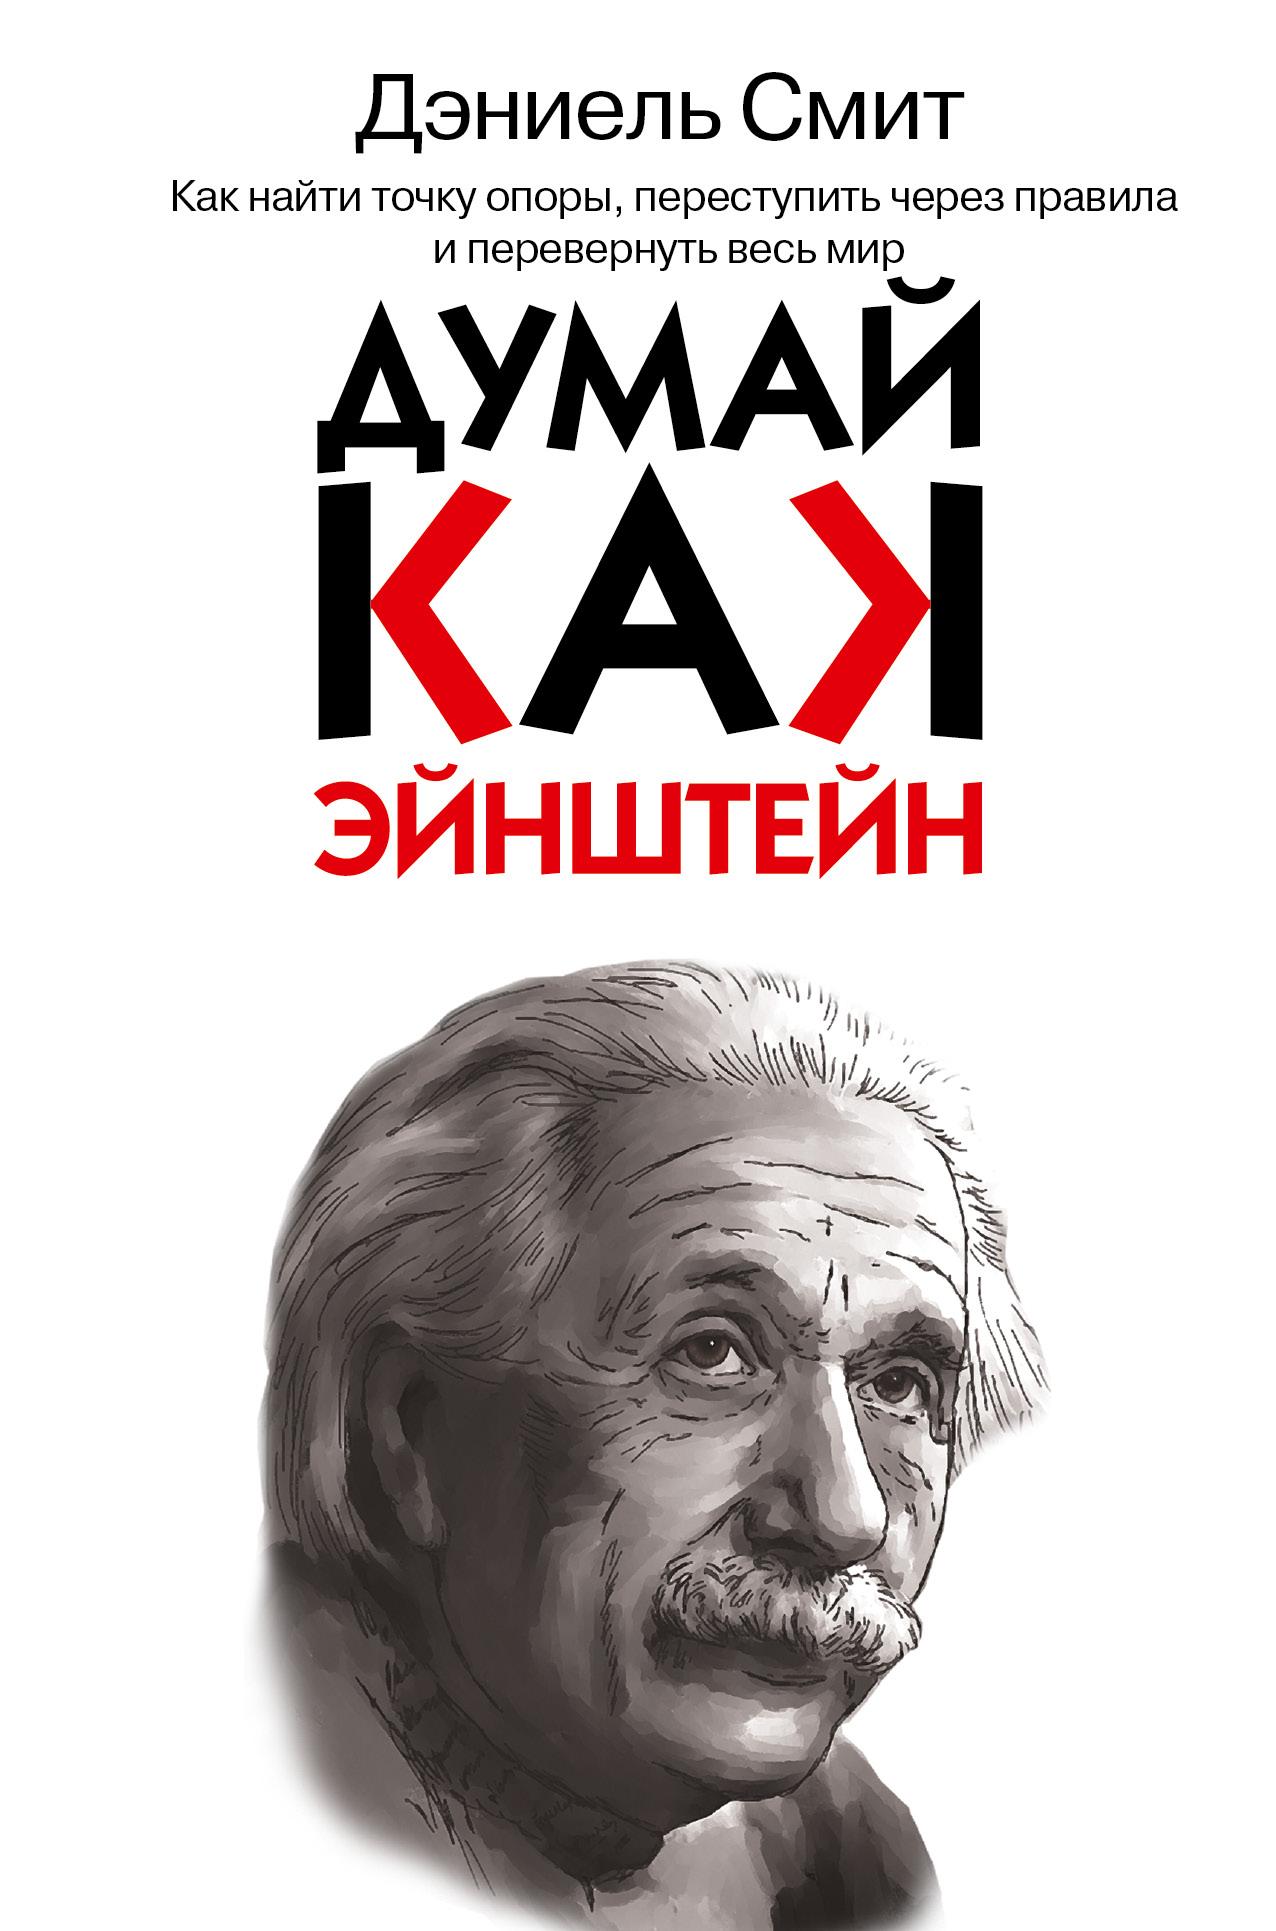 Купить Думай, как Эйнштейн, Дэниел Смит, 978-5-17-086366-2